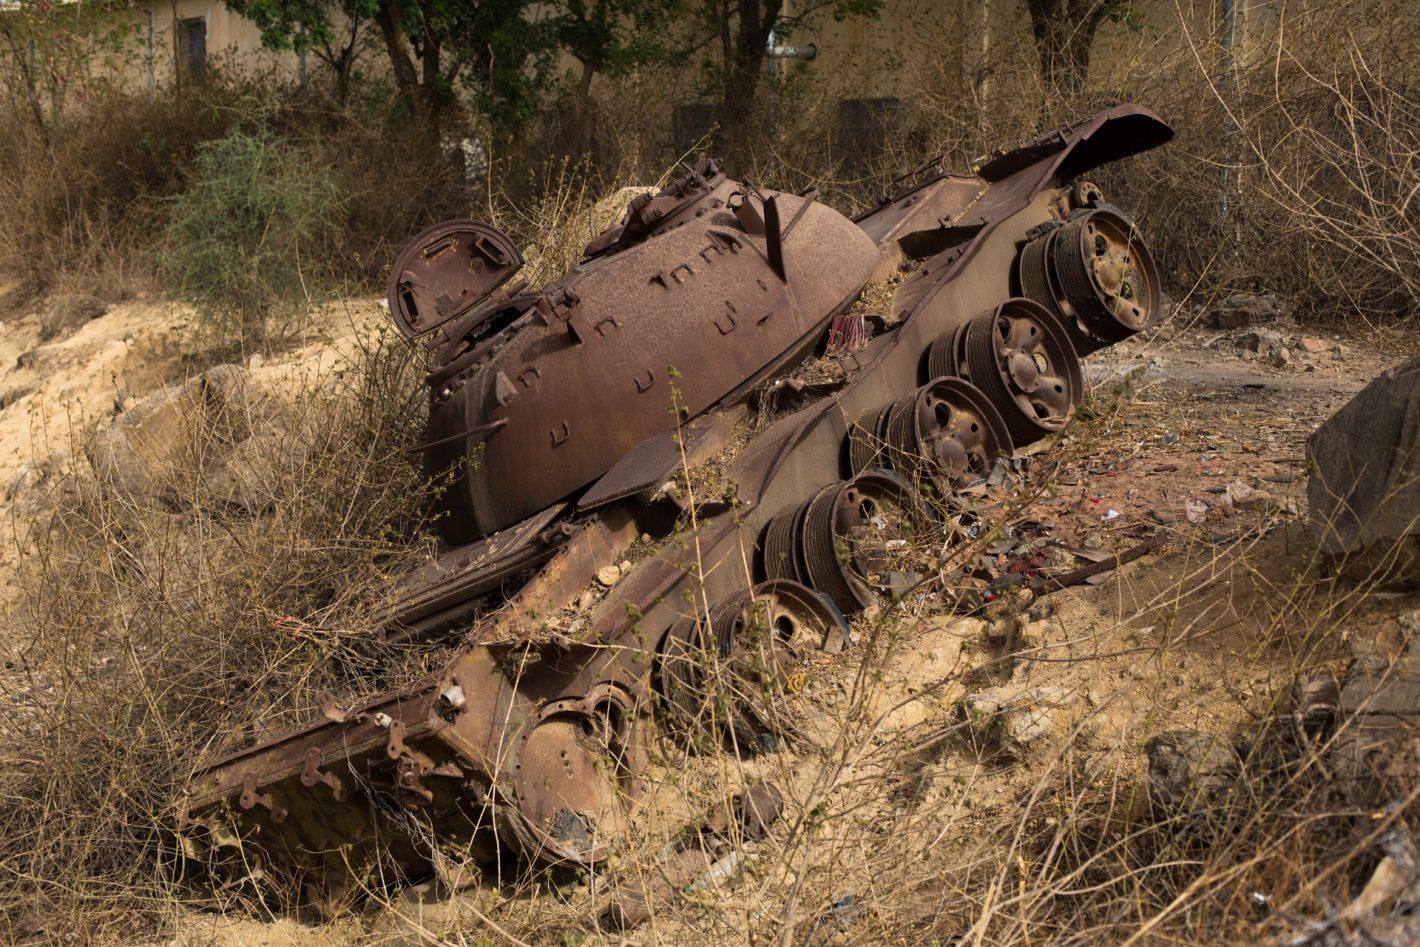 A lot of ethiopian tanks are scattering all the eritrean territory. / De nombreux tanks des ennemis éthiopiens parsèment le territoire érythréen.